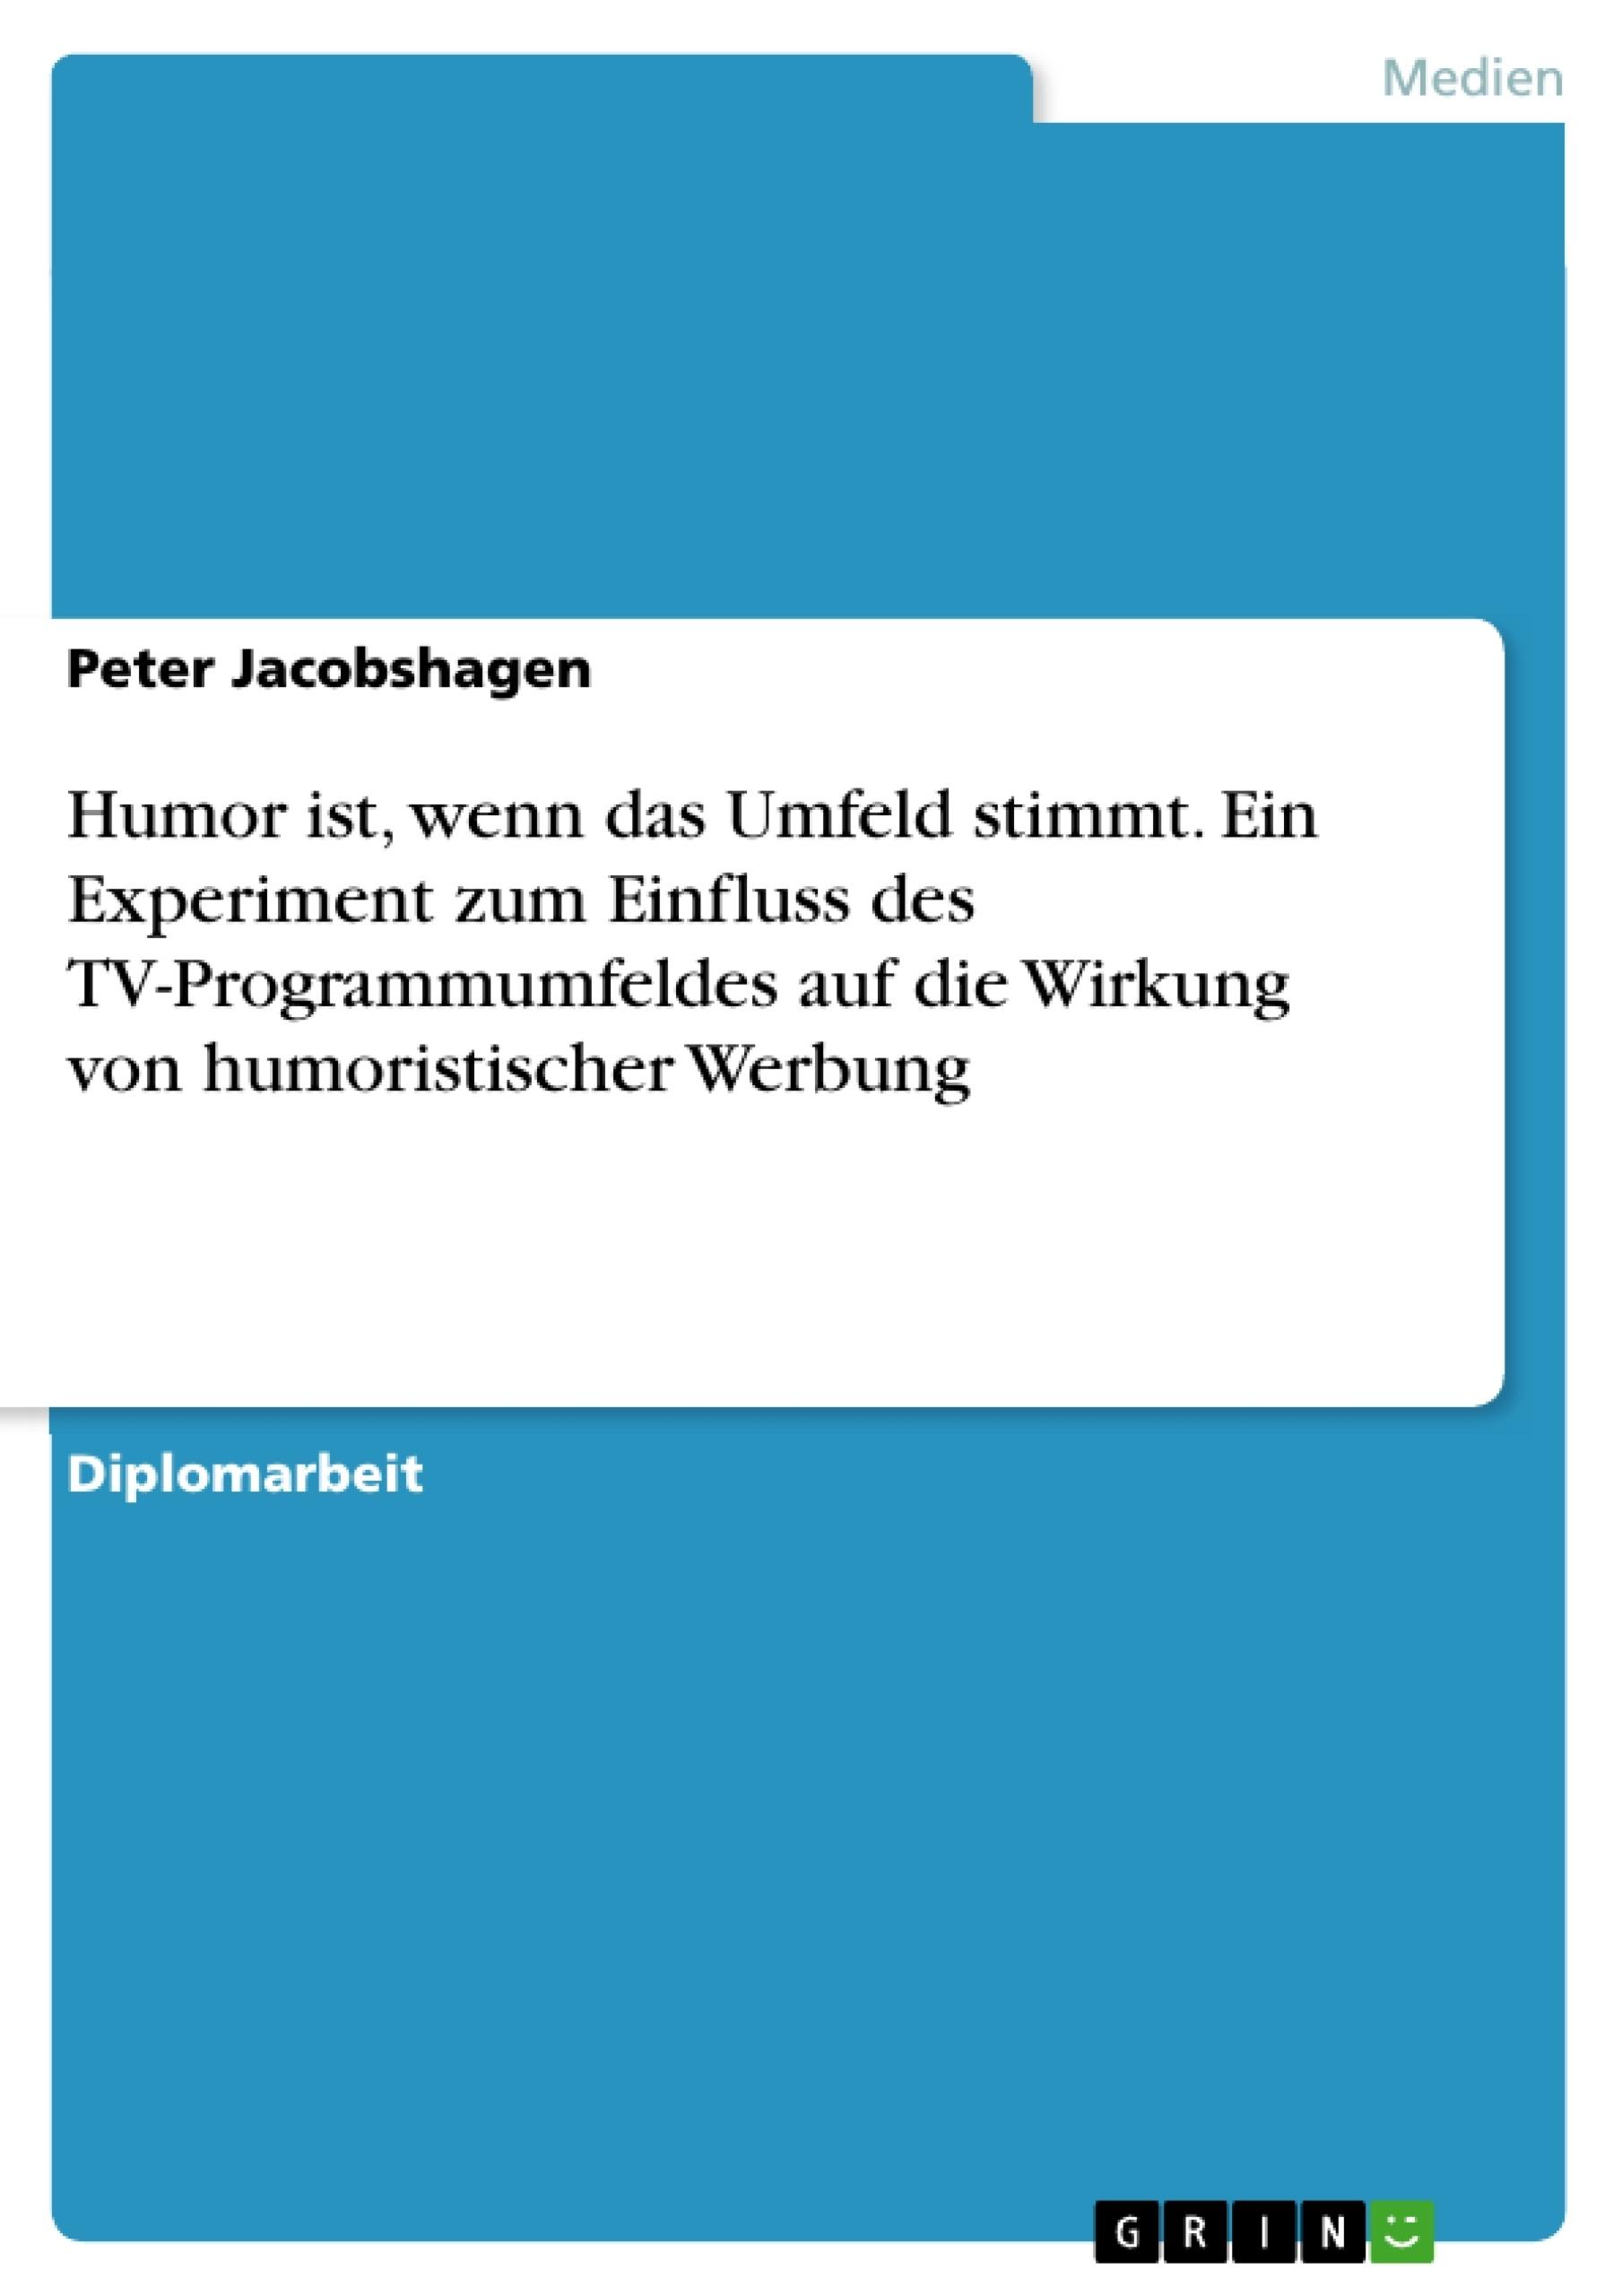 Titel: Humor ist, wenn das Umfeld stimmt. Ein Experiment zum Einfluss des TV-Programmumfeldes auf die Wirkung von humoristischer Werbung